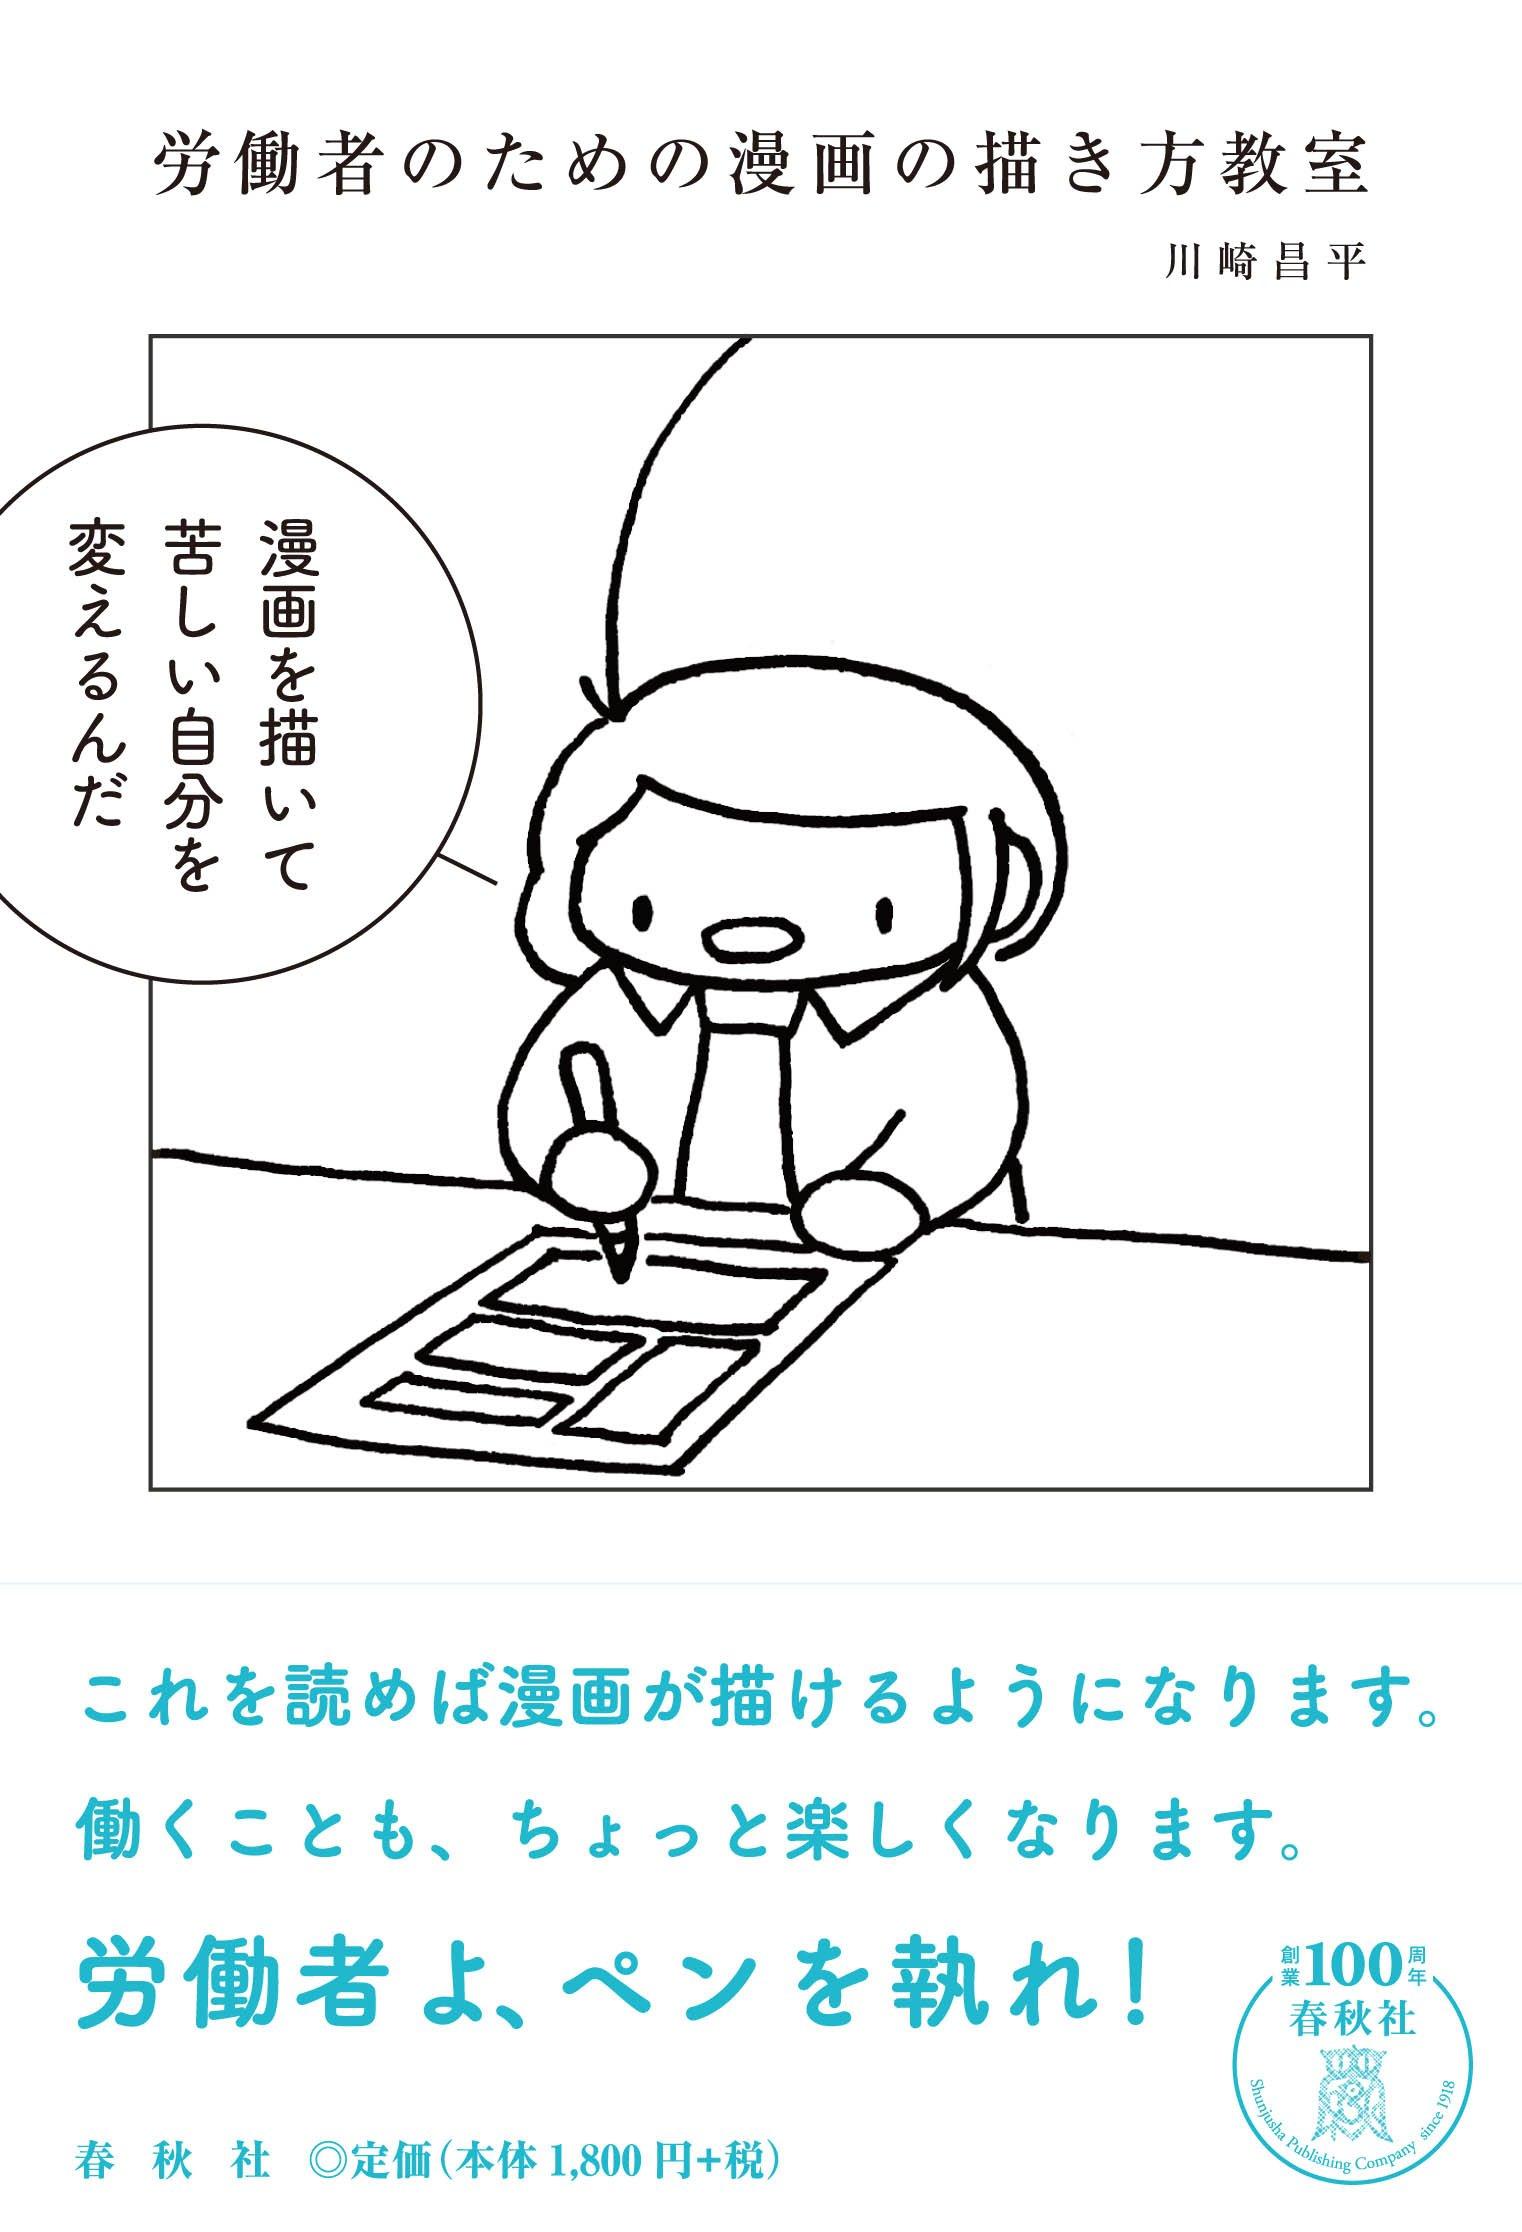 労働者のための漫画の描き方教室...